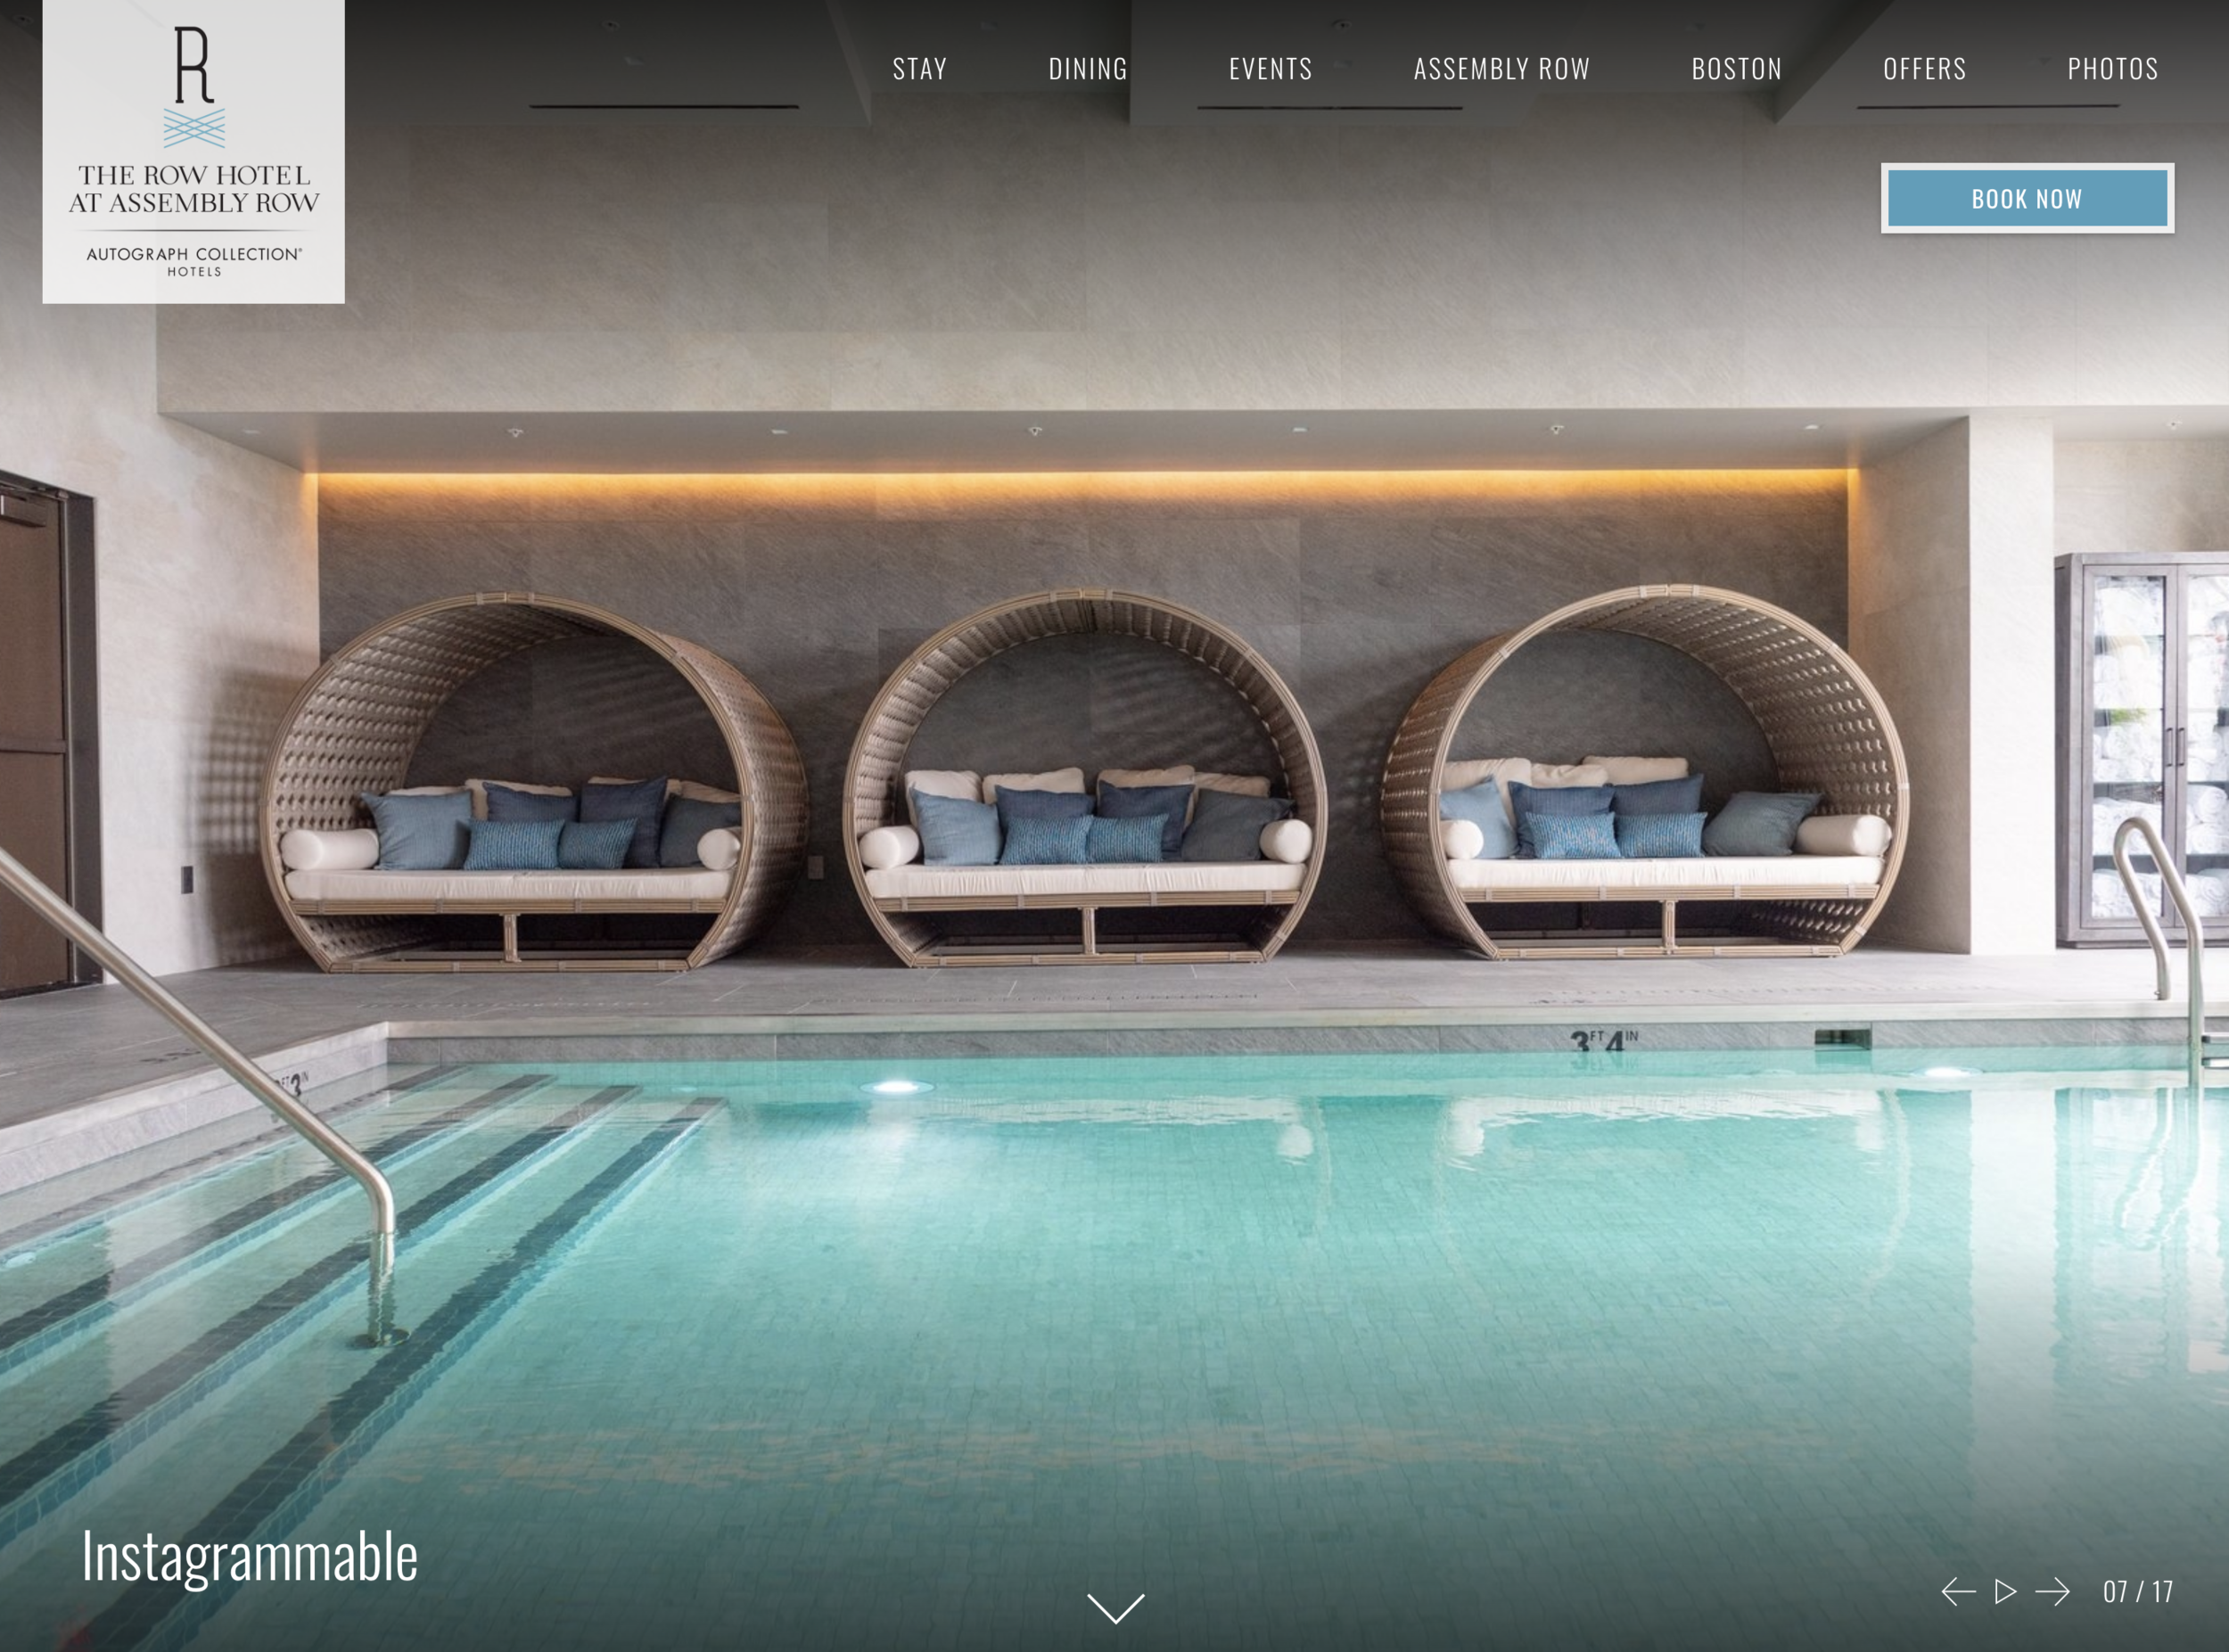 Hotel Branding Agency